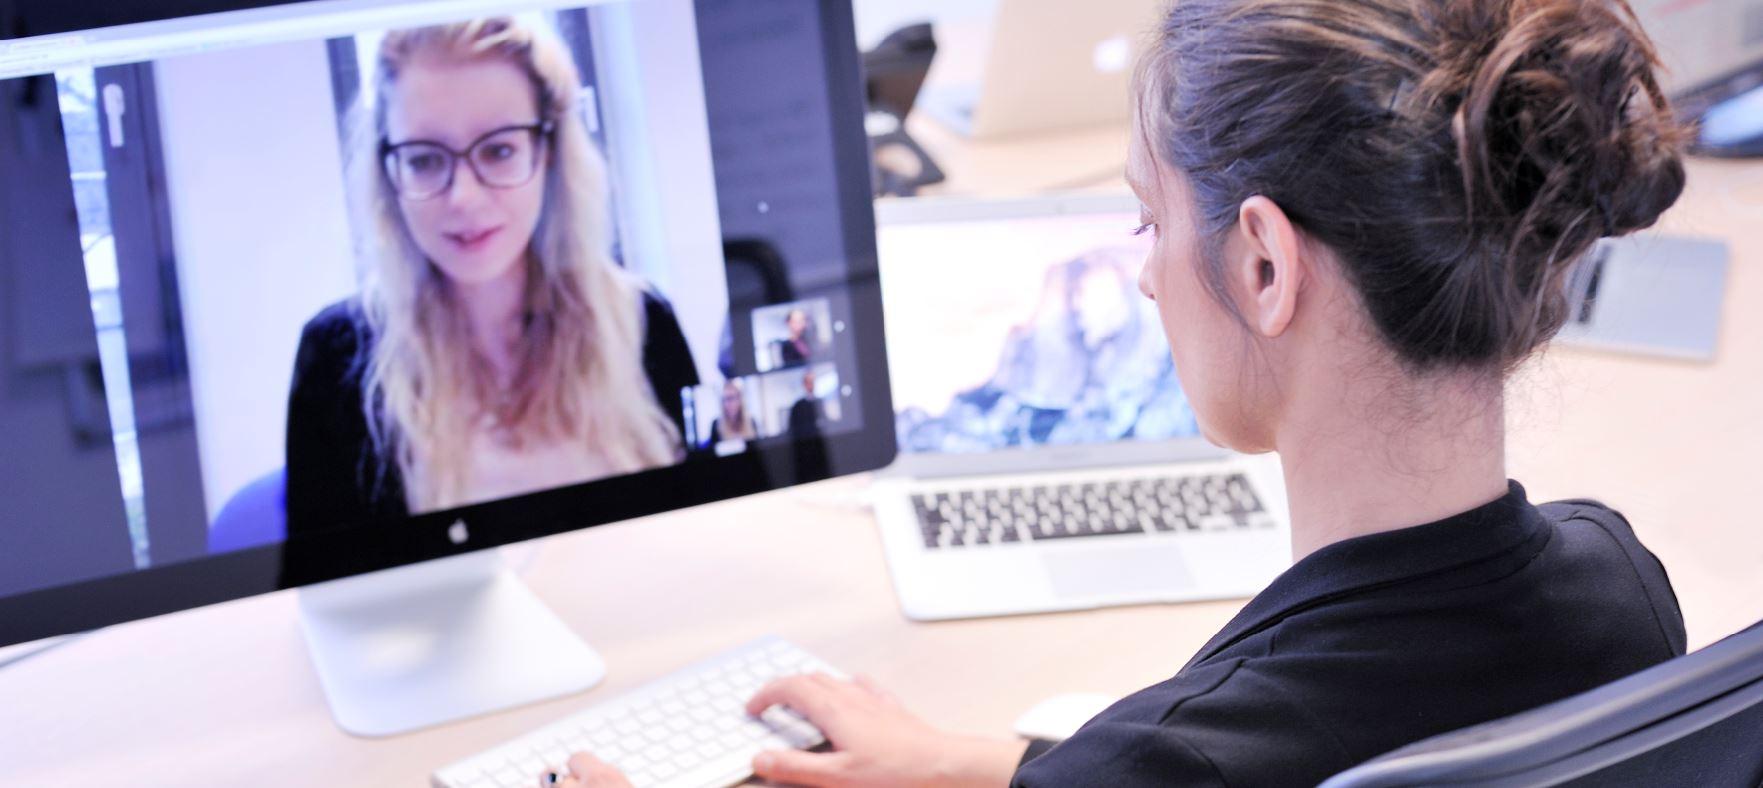 Webtelefonie, Videokonferenz